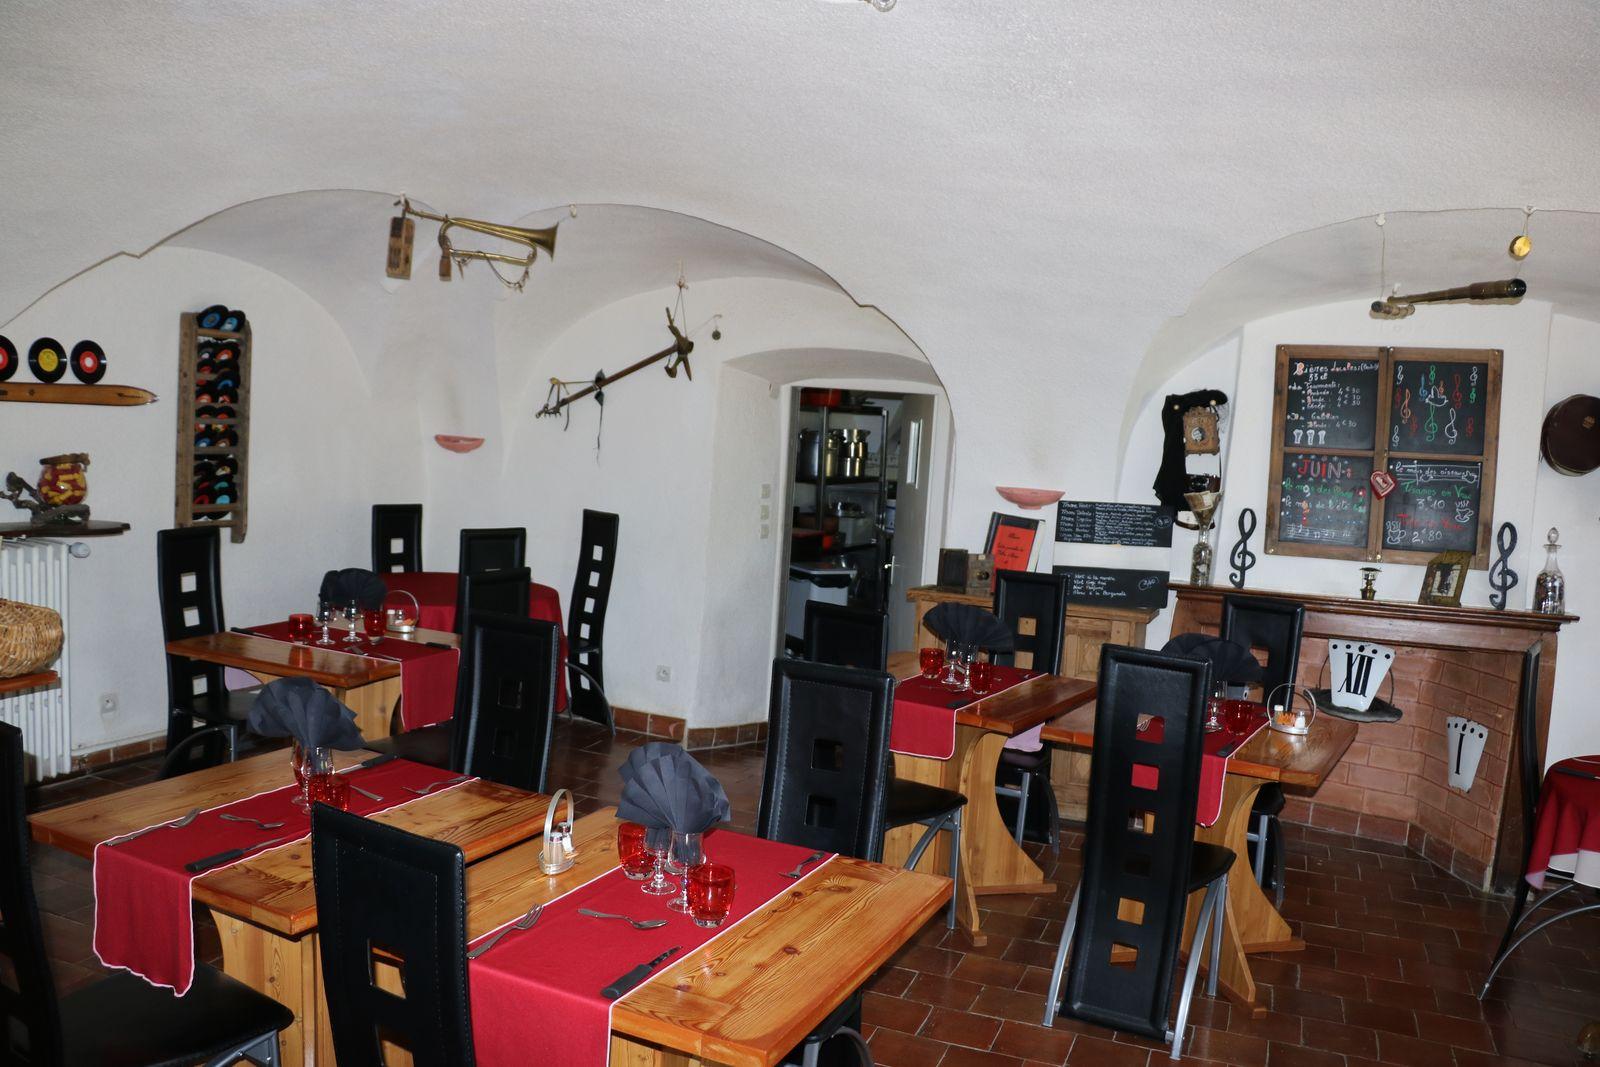 Restaurant-villar-d-arene2.jpg